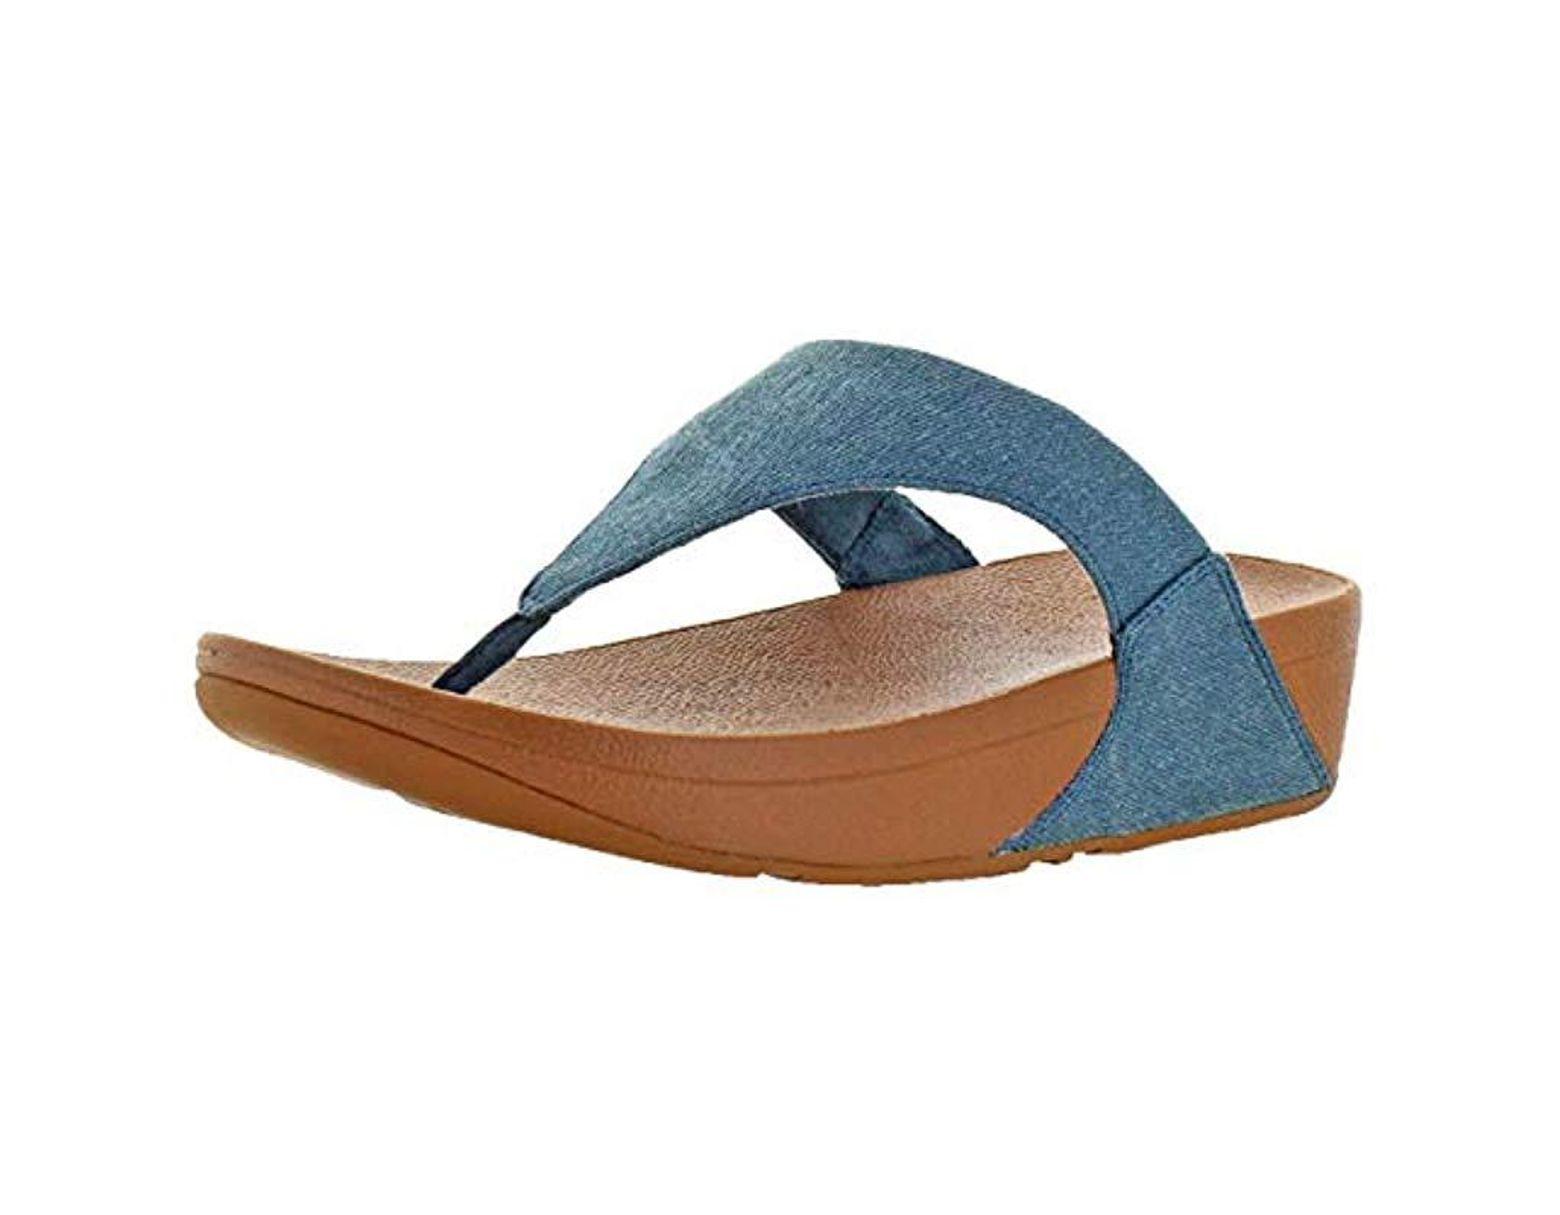 Blue Women's Thong D2wieh9 Sandals Toe Lulu qMGUpSVz